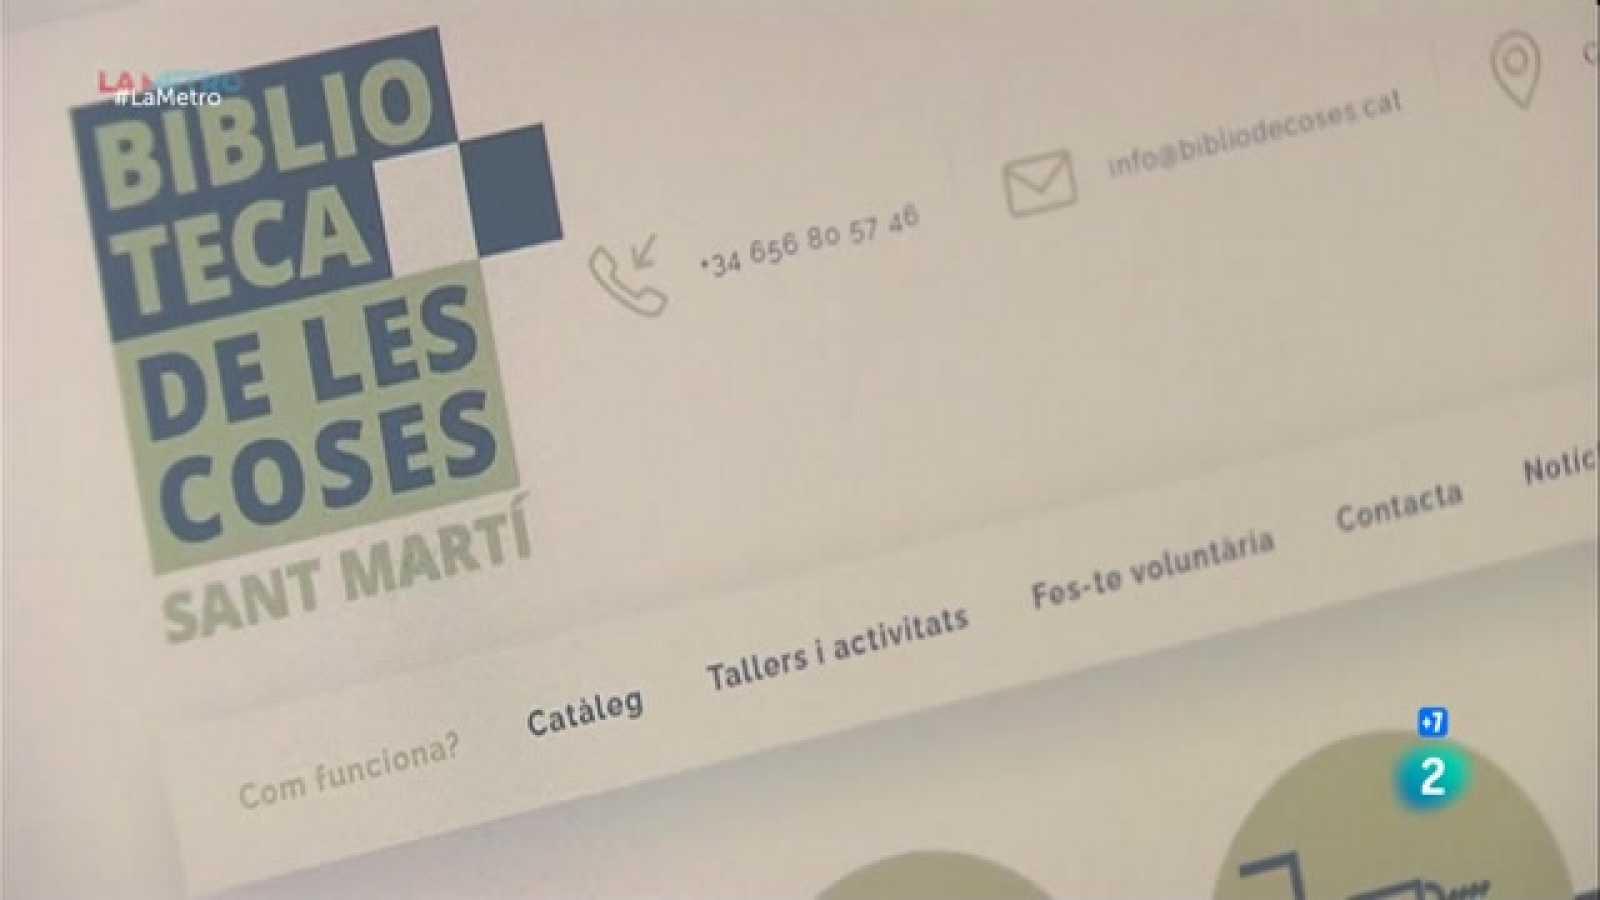 Presentem la Biblioteca de les Coses, un servei de préstec d'objectes d'ús quotidià per un preu que va d'un a deu euros a la setmana.